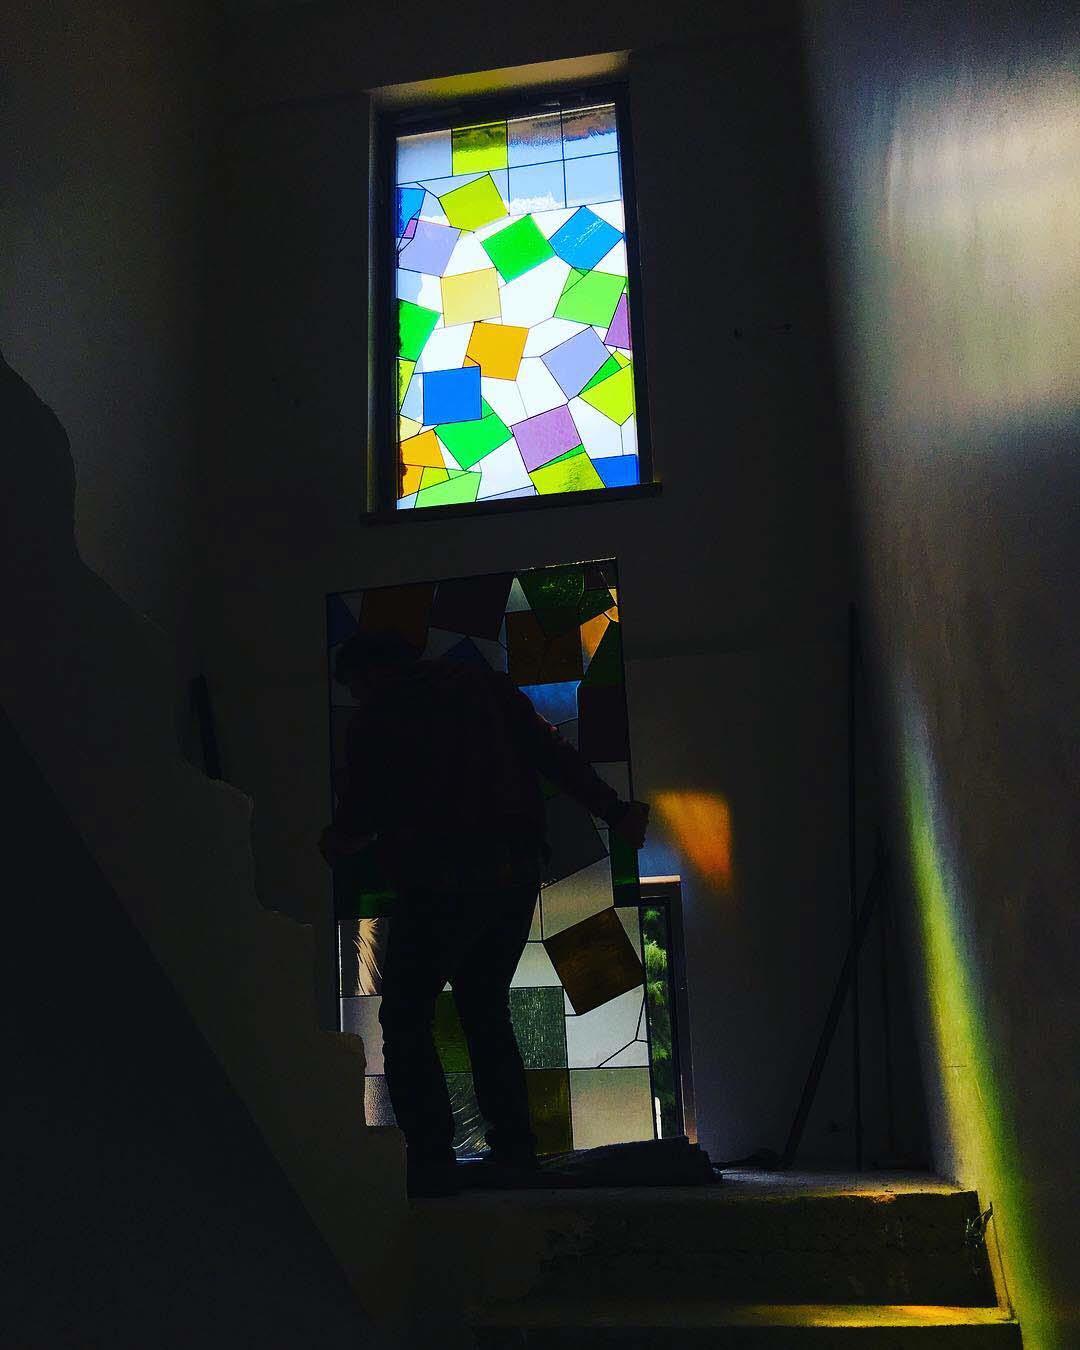 urla-kekliktepe-villa2020120192430890.jpg izmir vitray çalışması